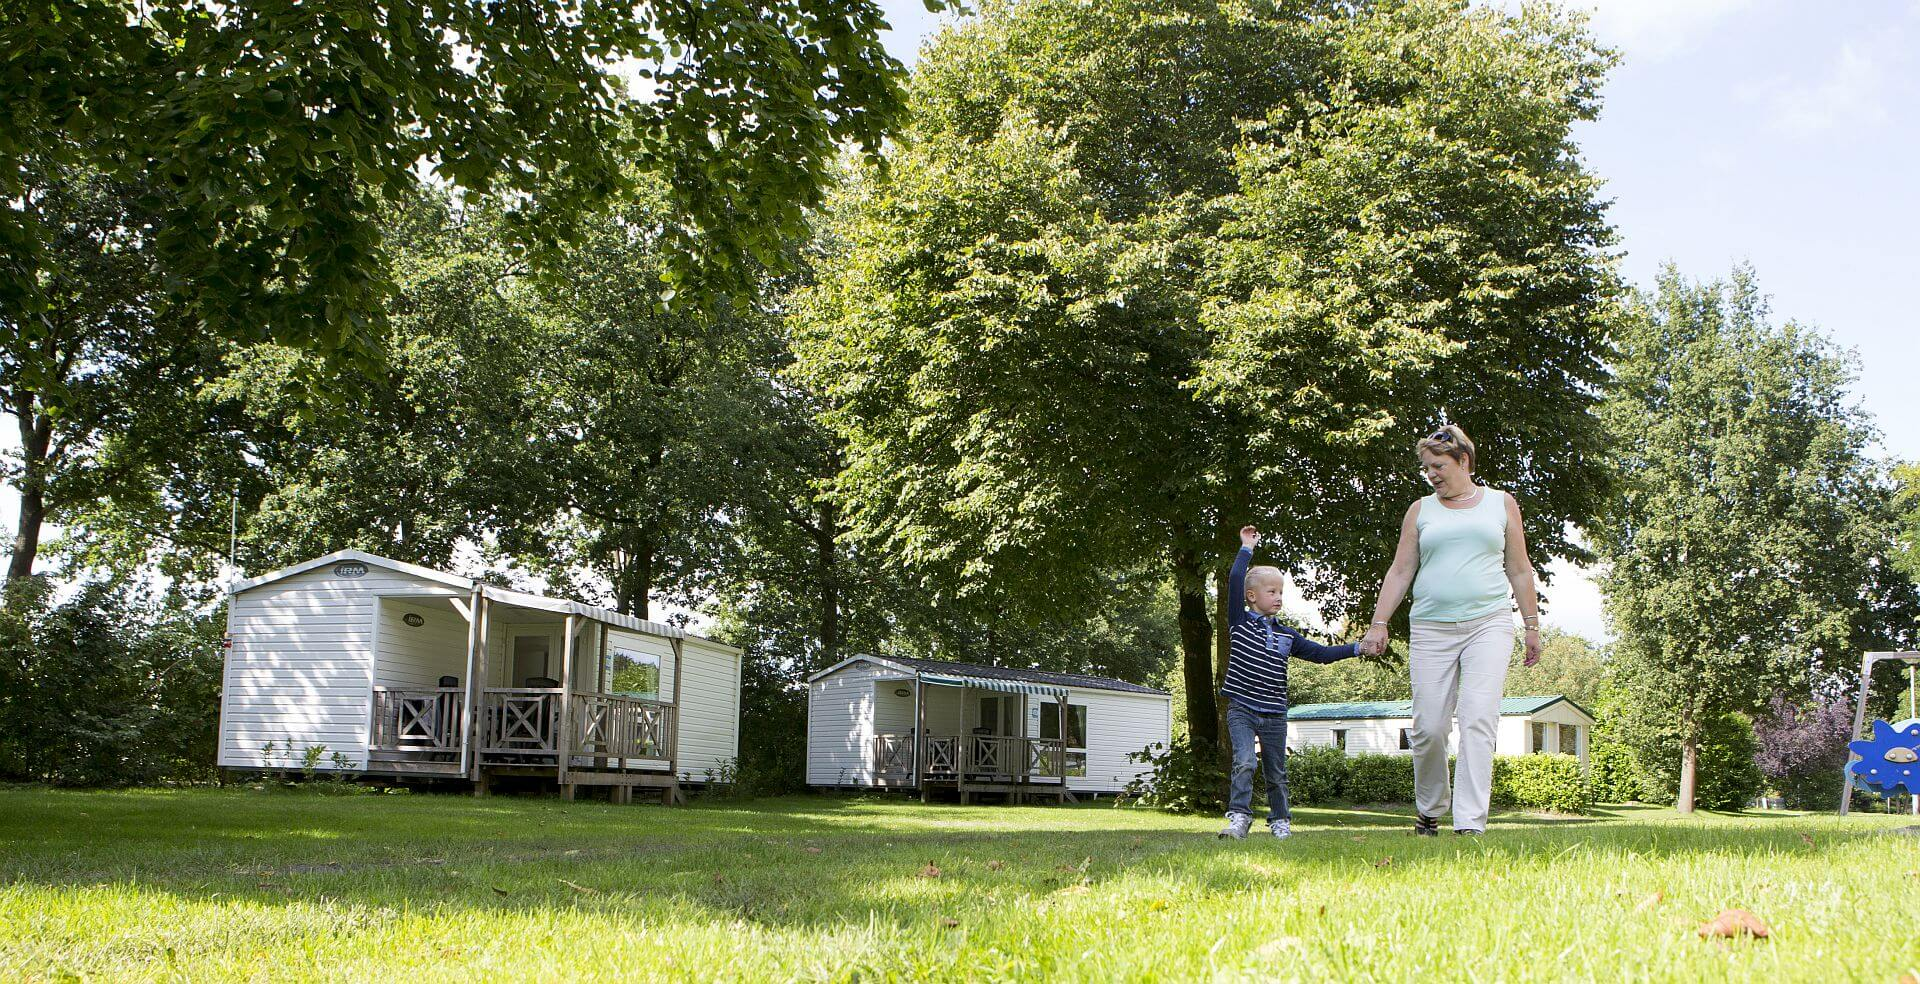 Chalet plaatsen in Overijssel met veel voorzieningen.